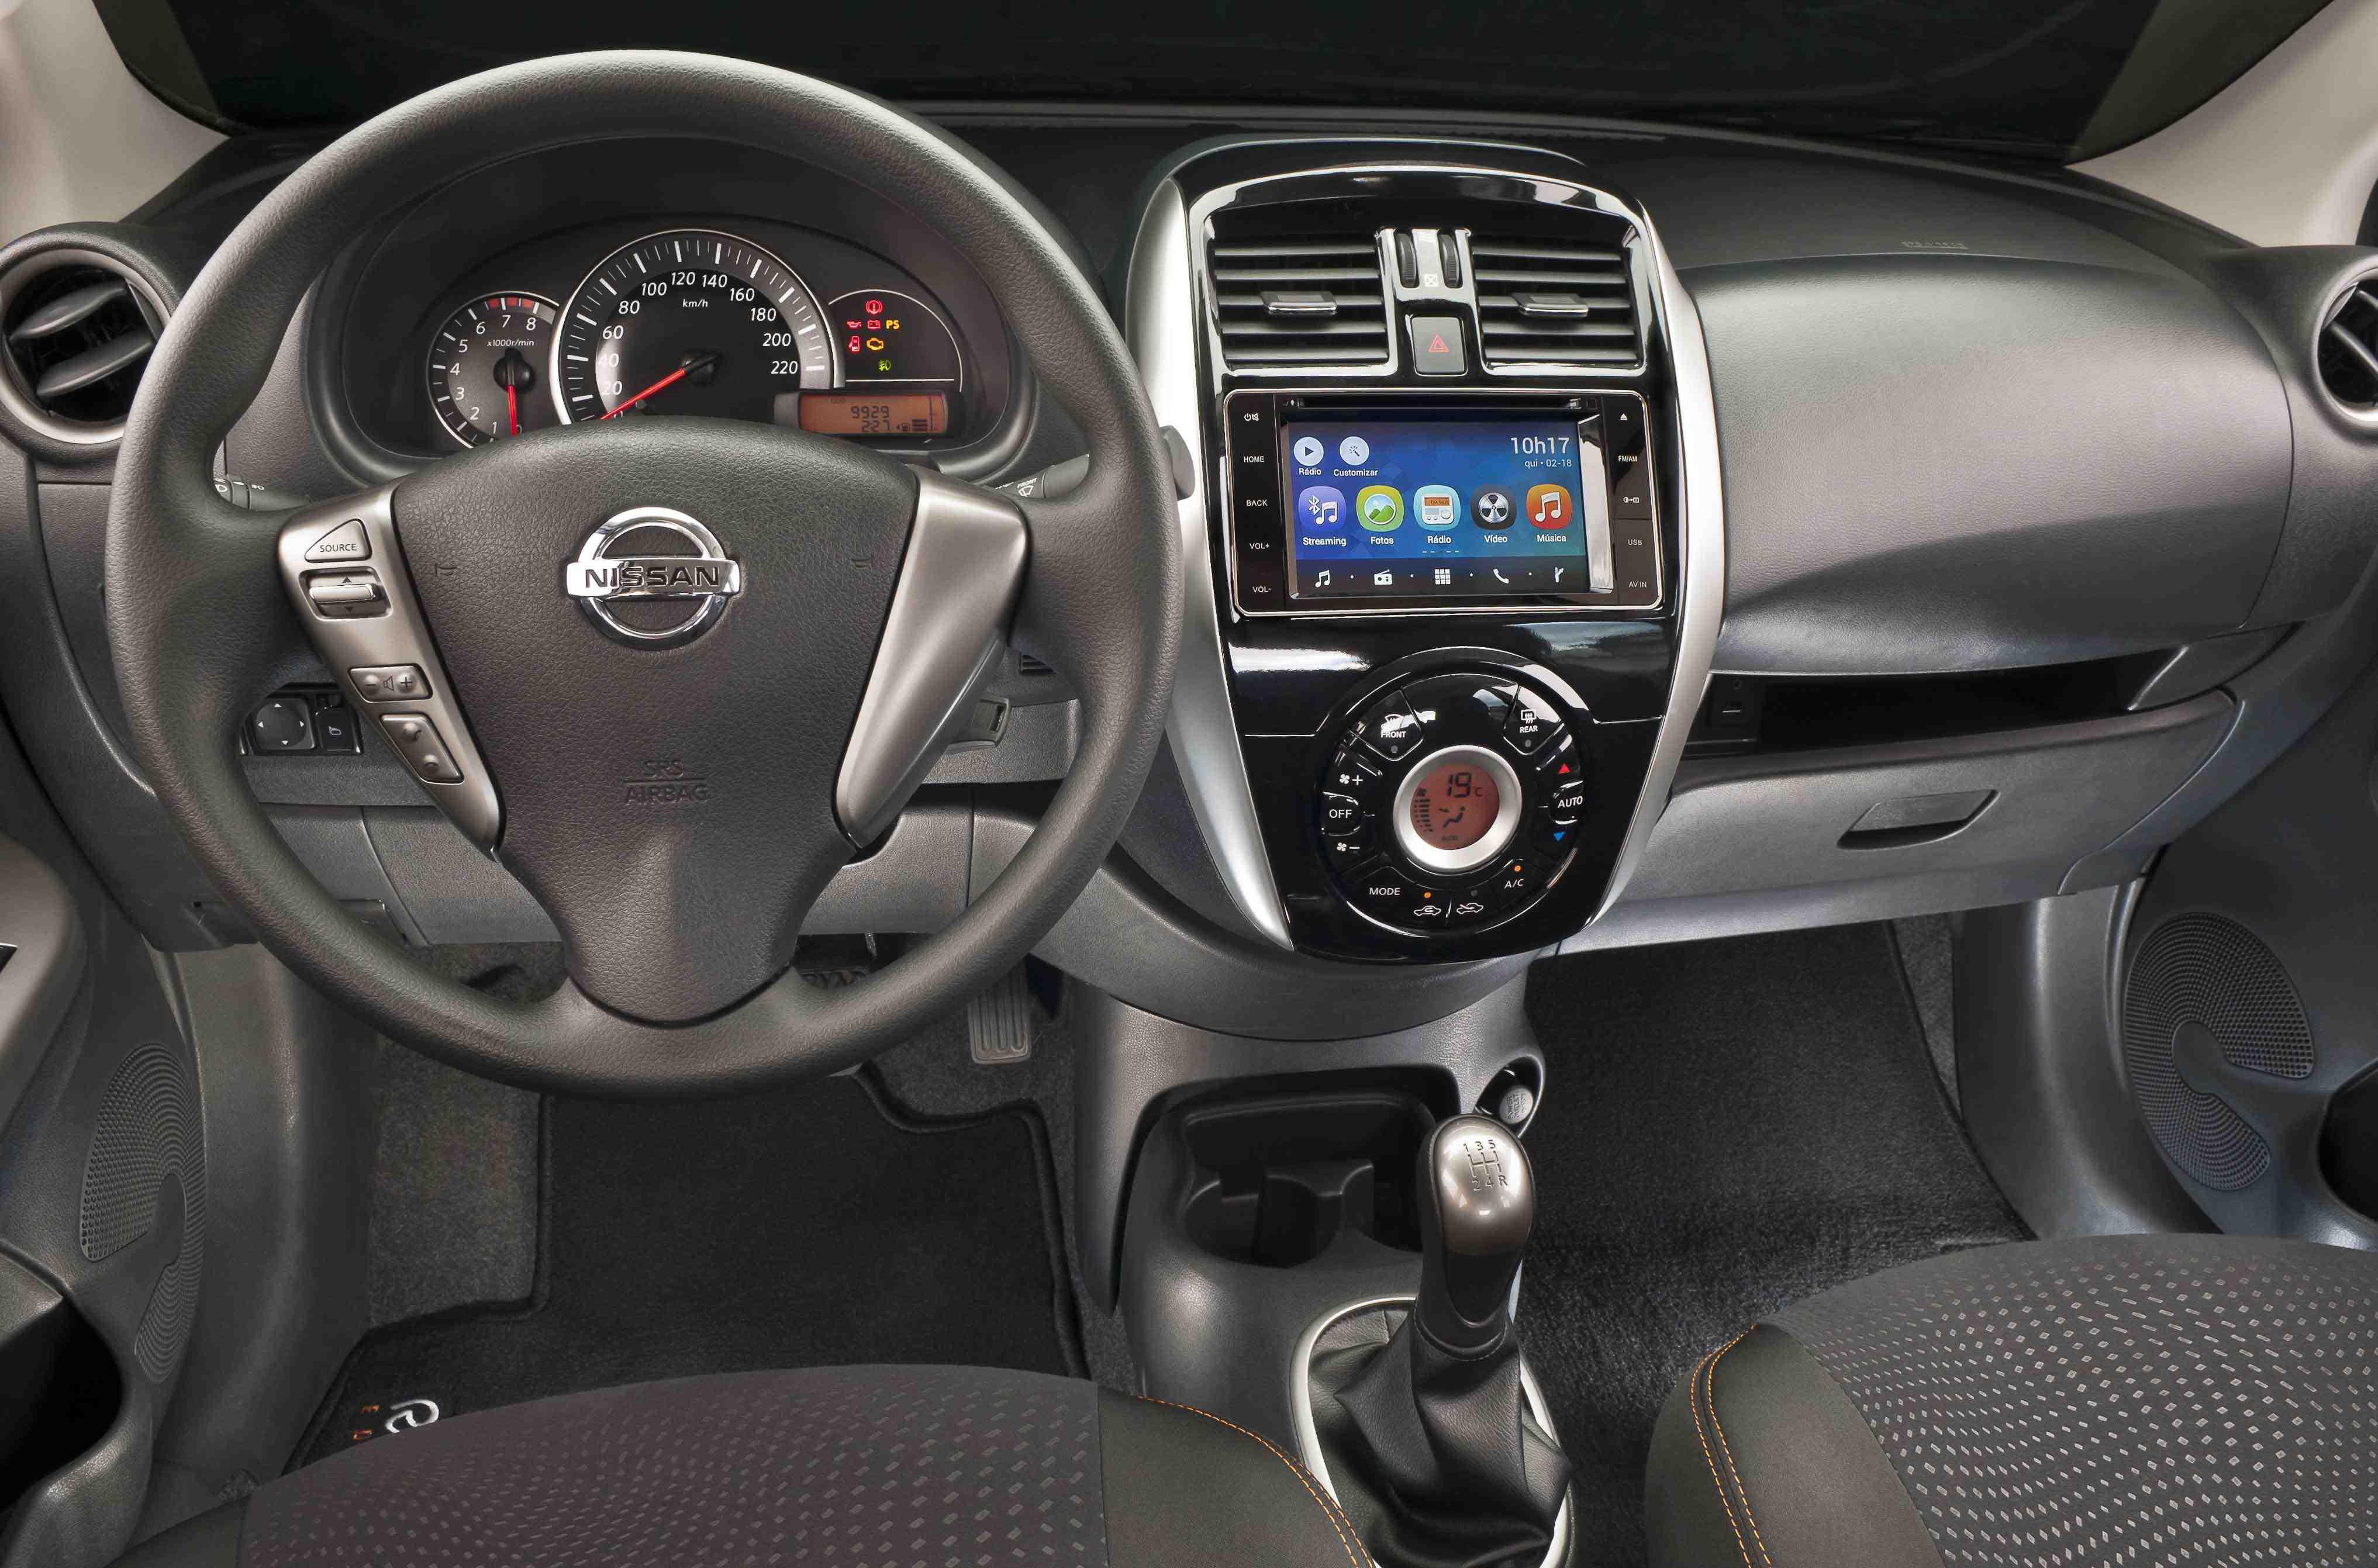 Nissan March Rio 2016™ chega com estilo único e edição limitada e numerada de 1.000 unidades